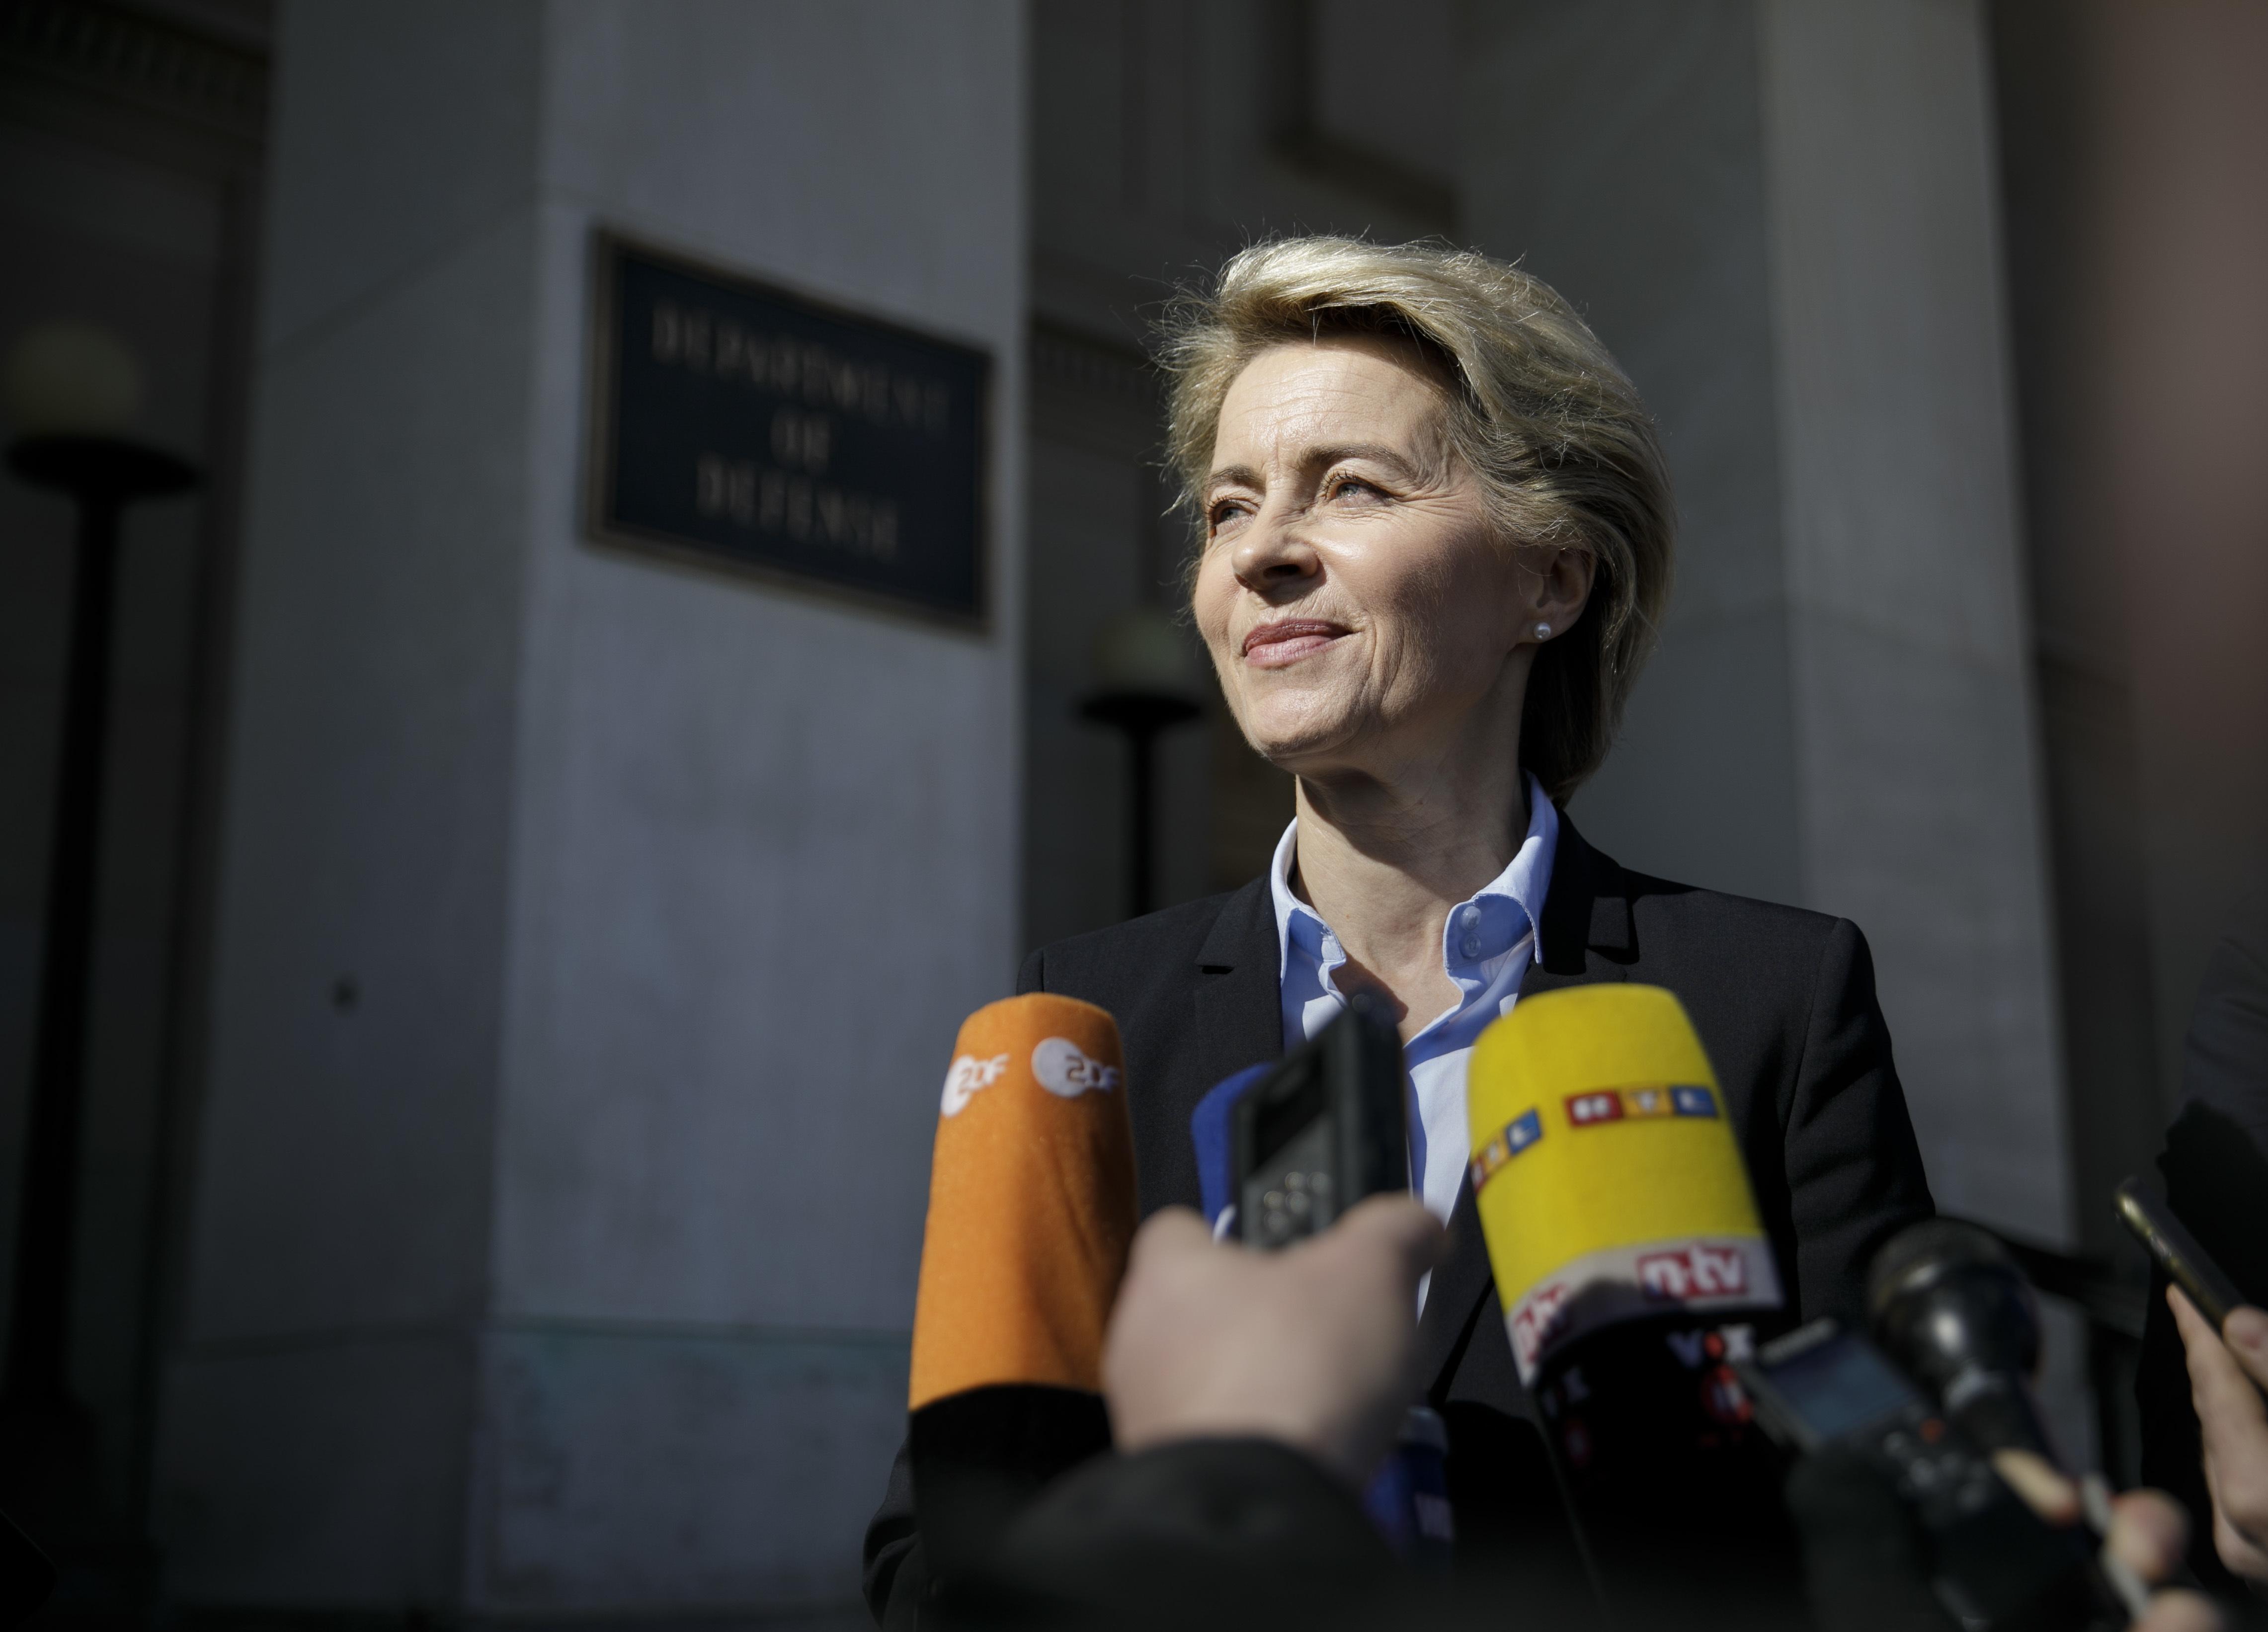 EC Commissioner Ursula von der Leyen is interviewed by journalists.